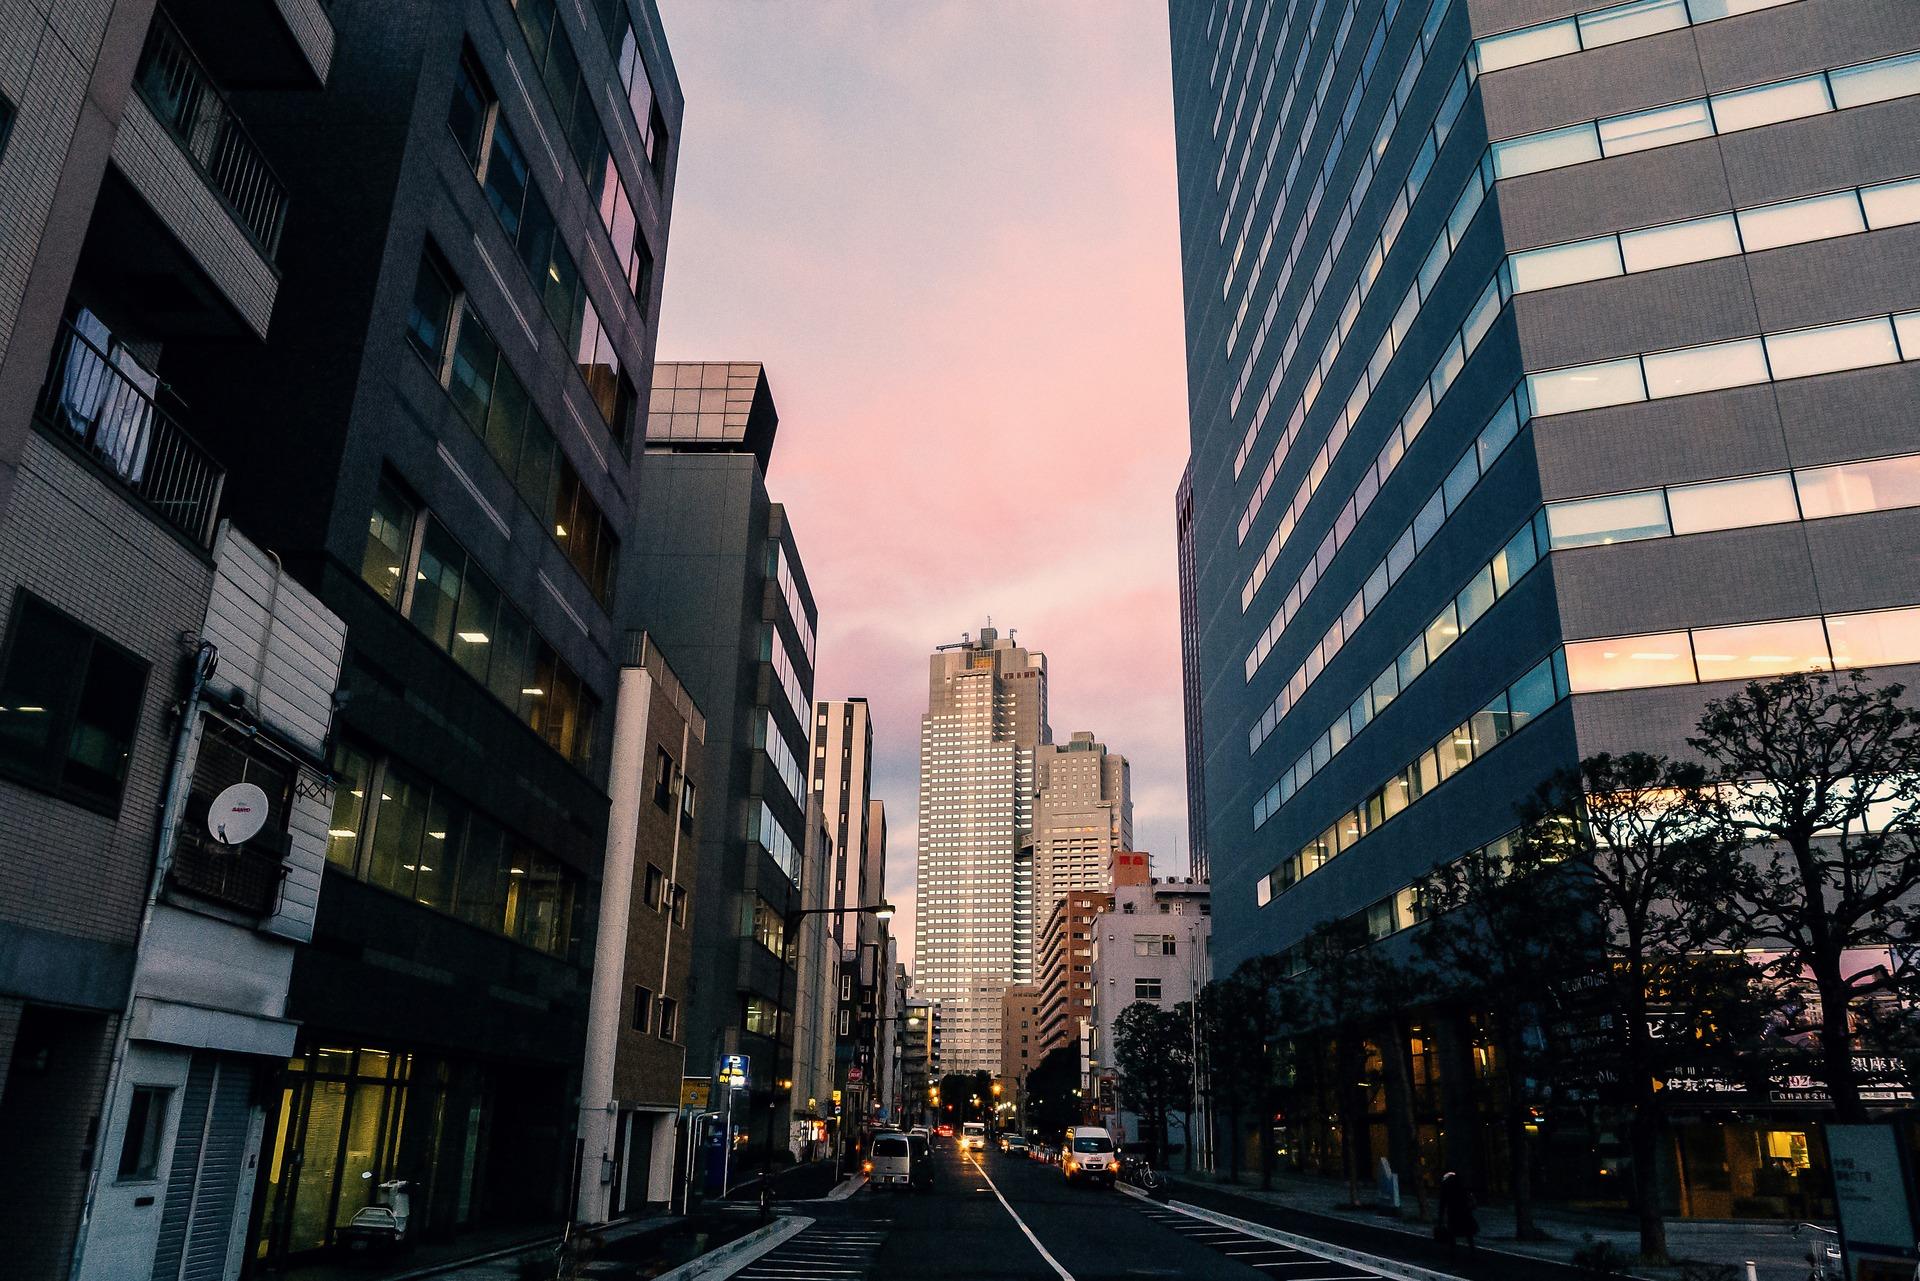 Tokyo cosa vedere in 3 giorni: i luoghi più importanti